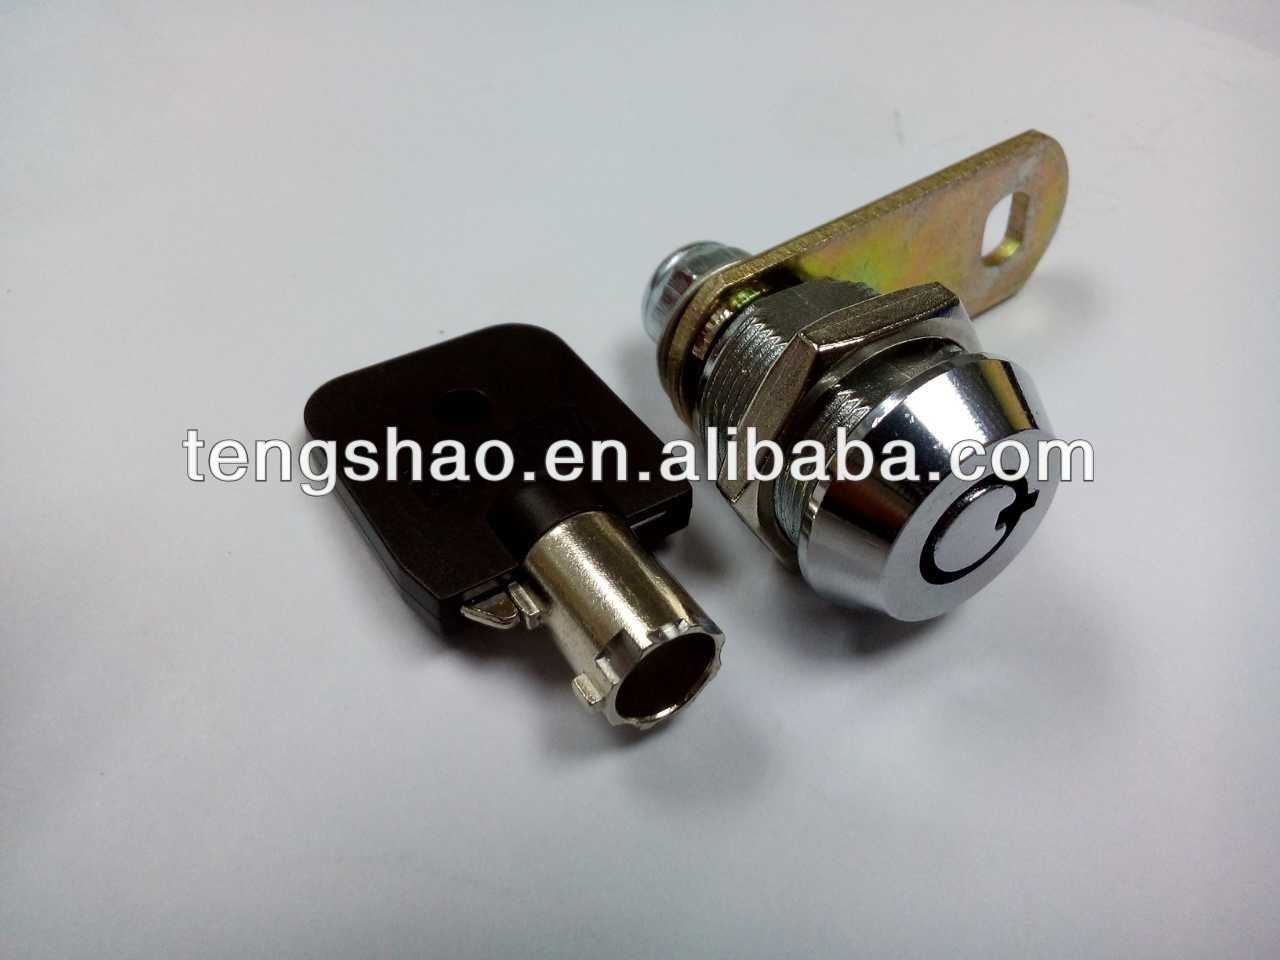 Cabinet Tubular Key Lock Gun Cabinet Locks - Buy Gun Cabinet Locks ...